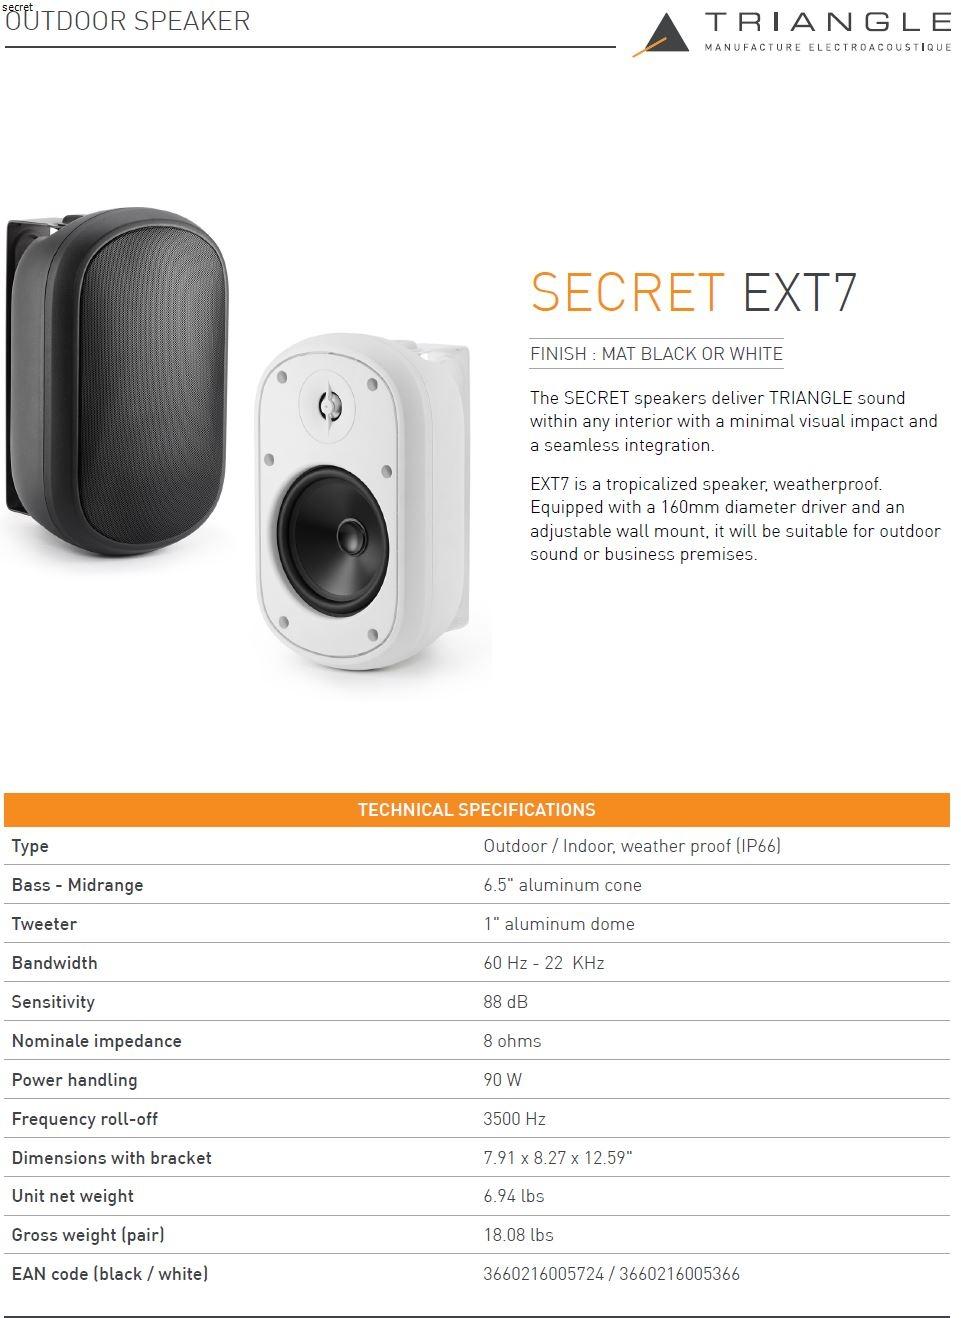 SECRET ext7